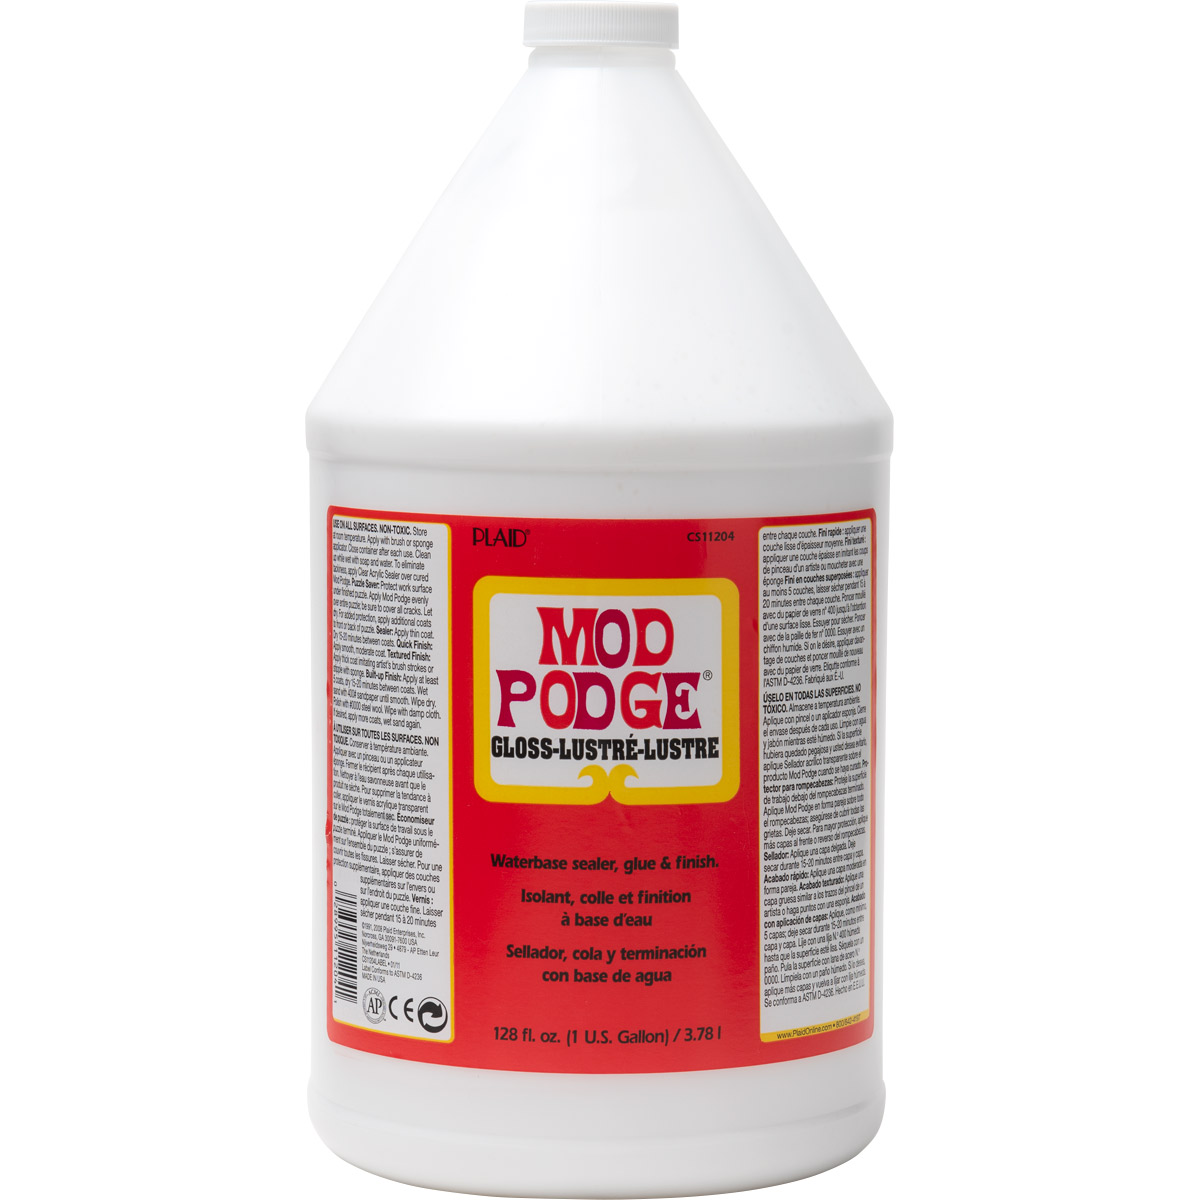 Mod Podge ® Gloss, Gallon - CS11204